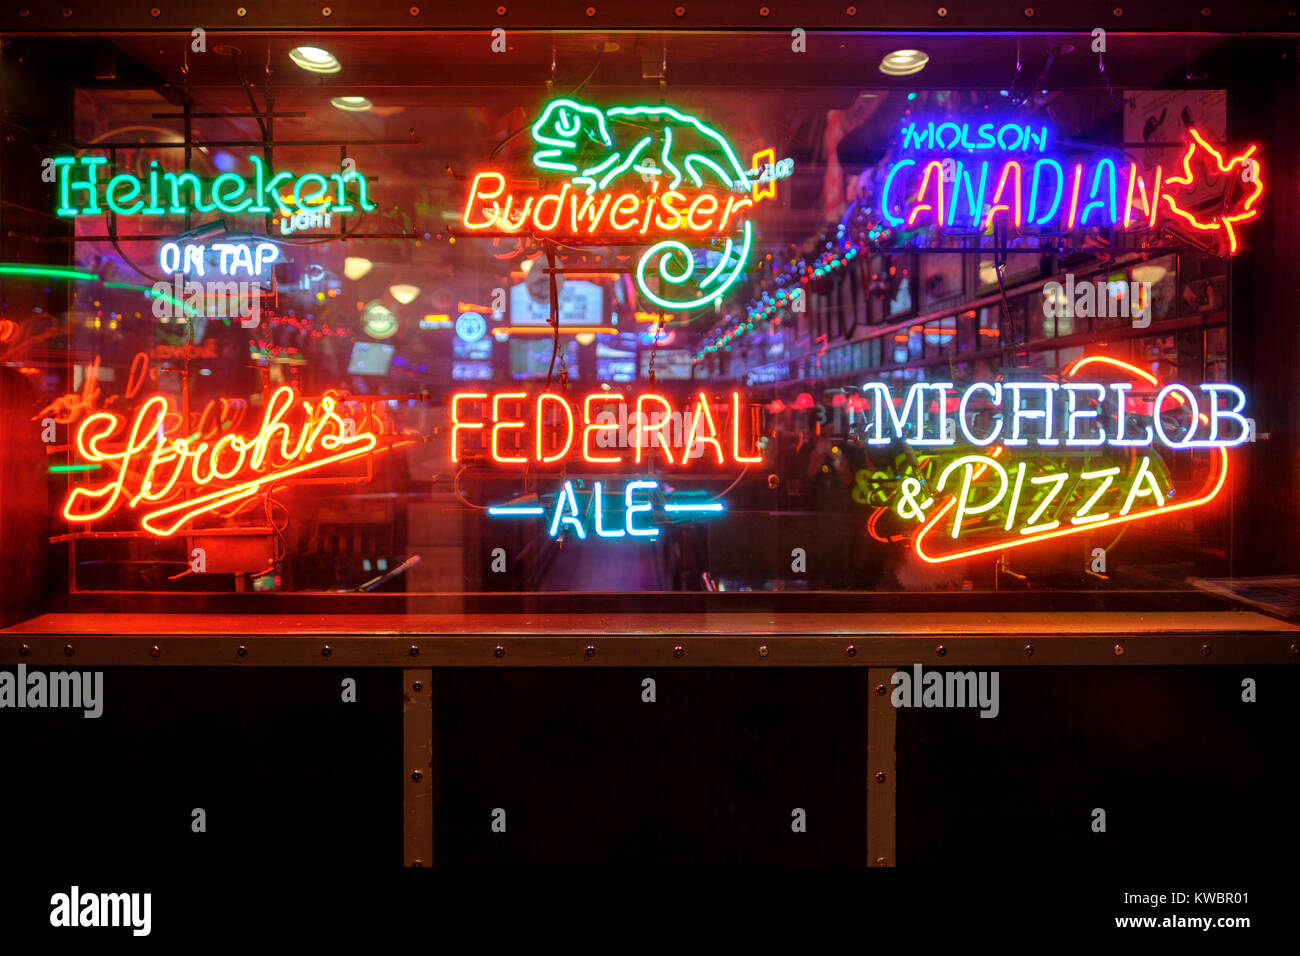 Beleuchtung Reklame   Bier Logos Neon Beleuchtung Werbung Dekoration Vor Dem Eingang Von